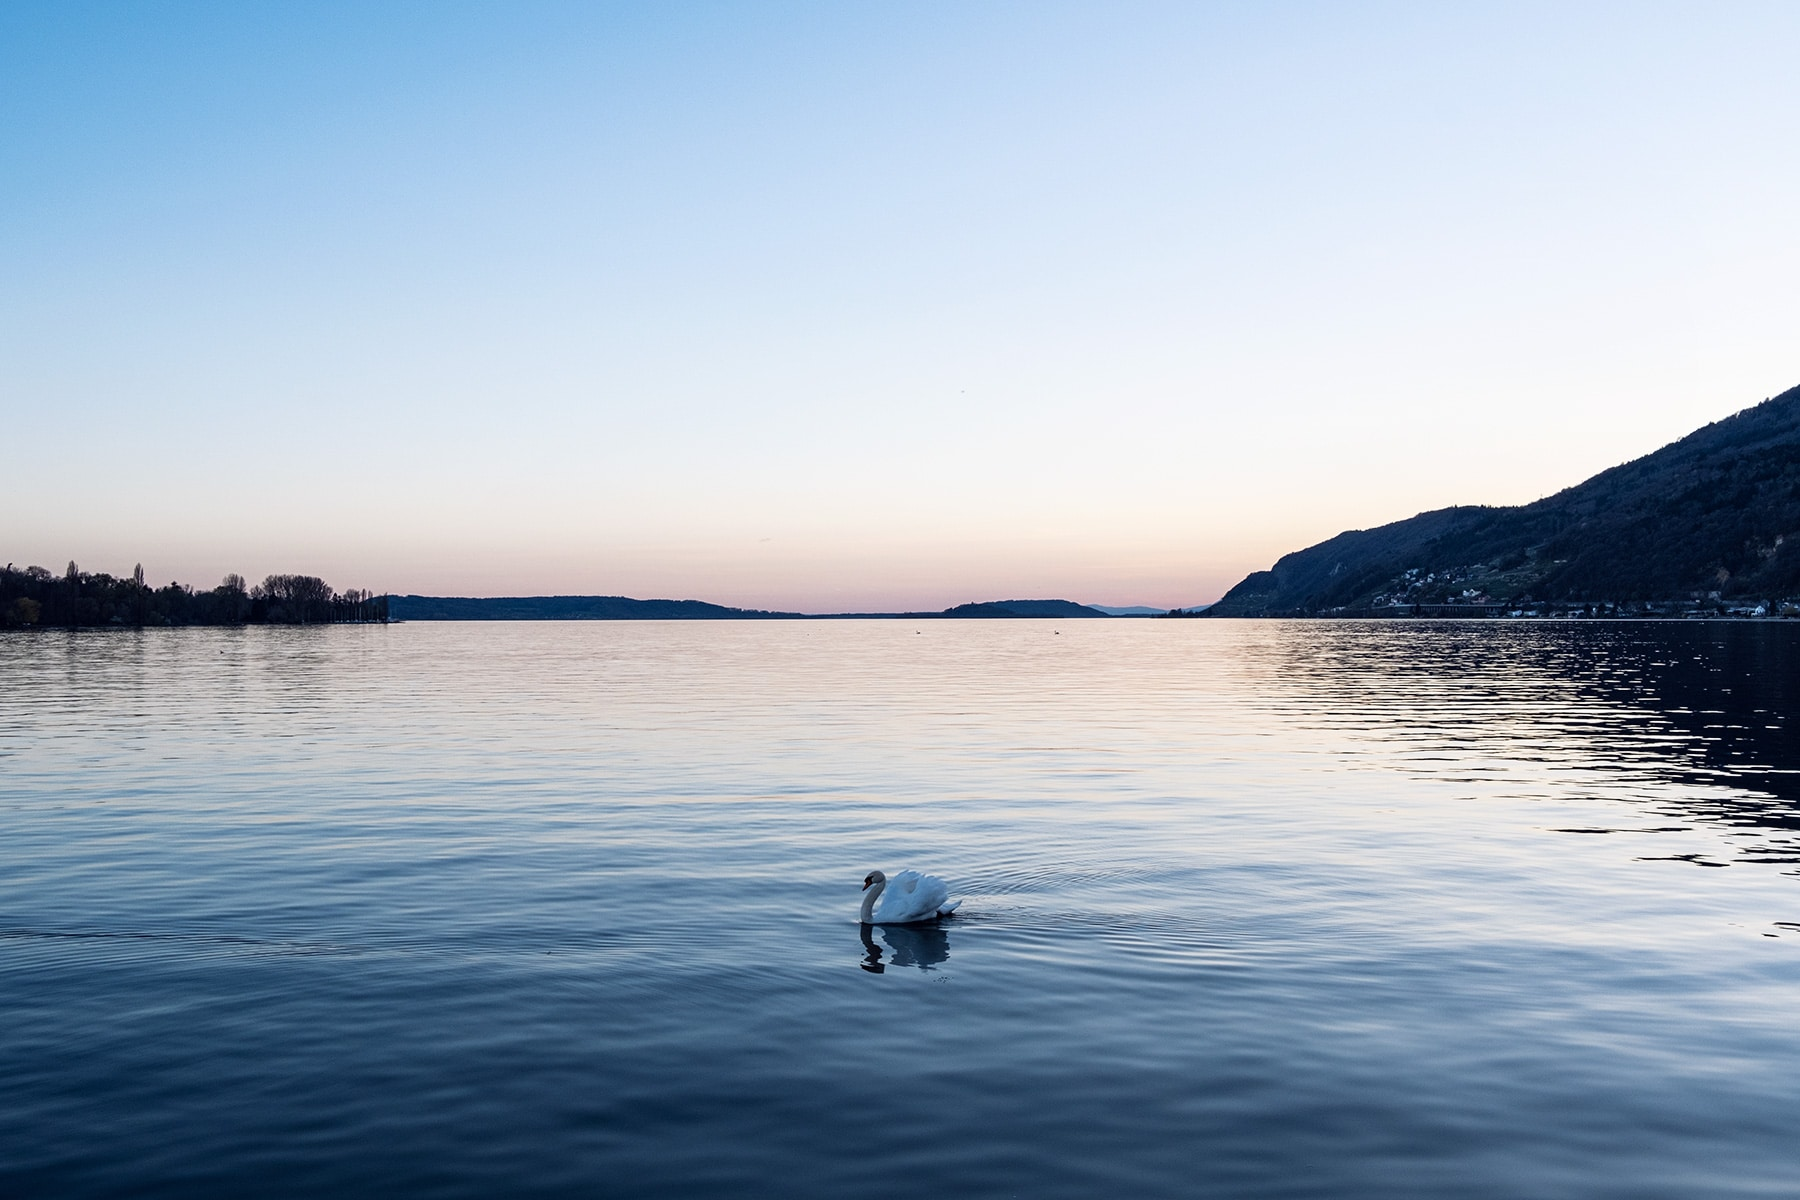 Les derniers rayons de lumière du jour au-dessus du lac de Bienne